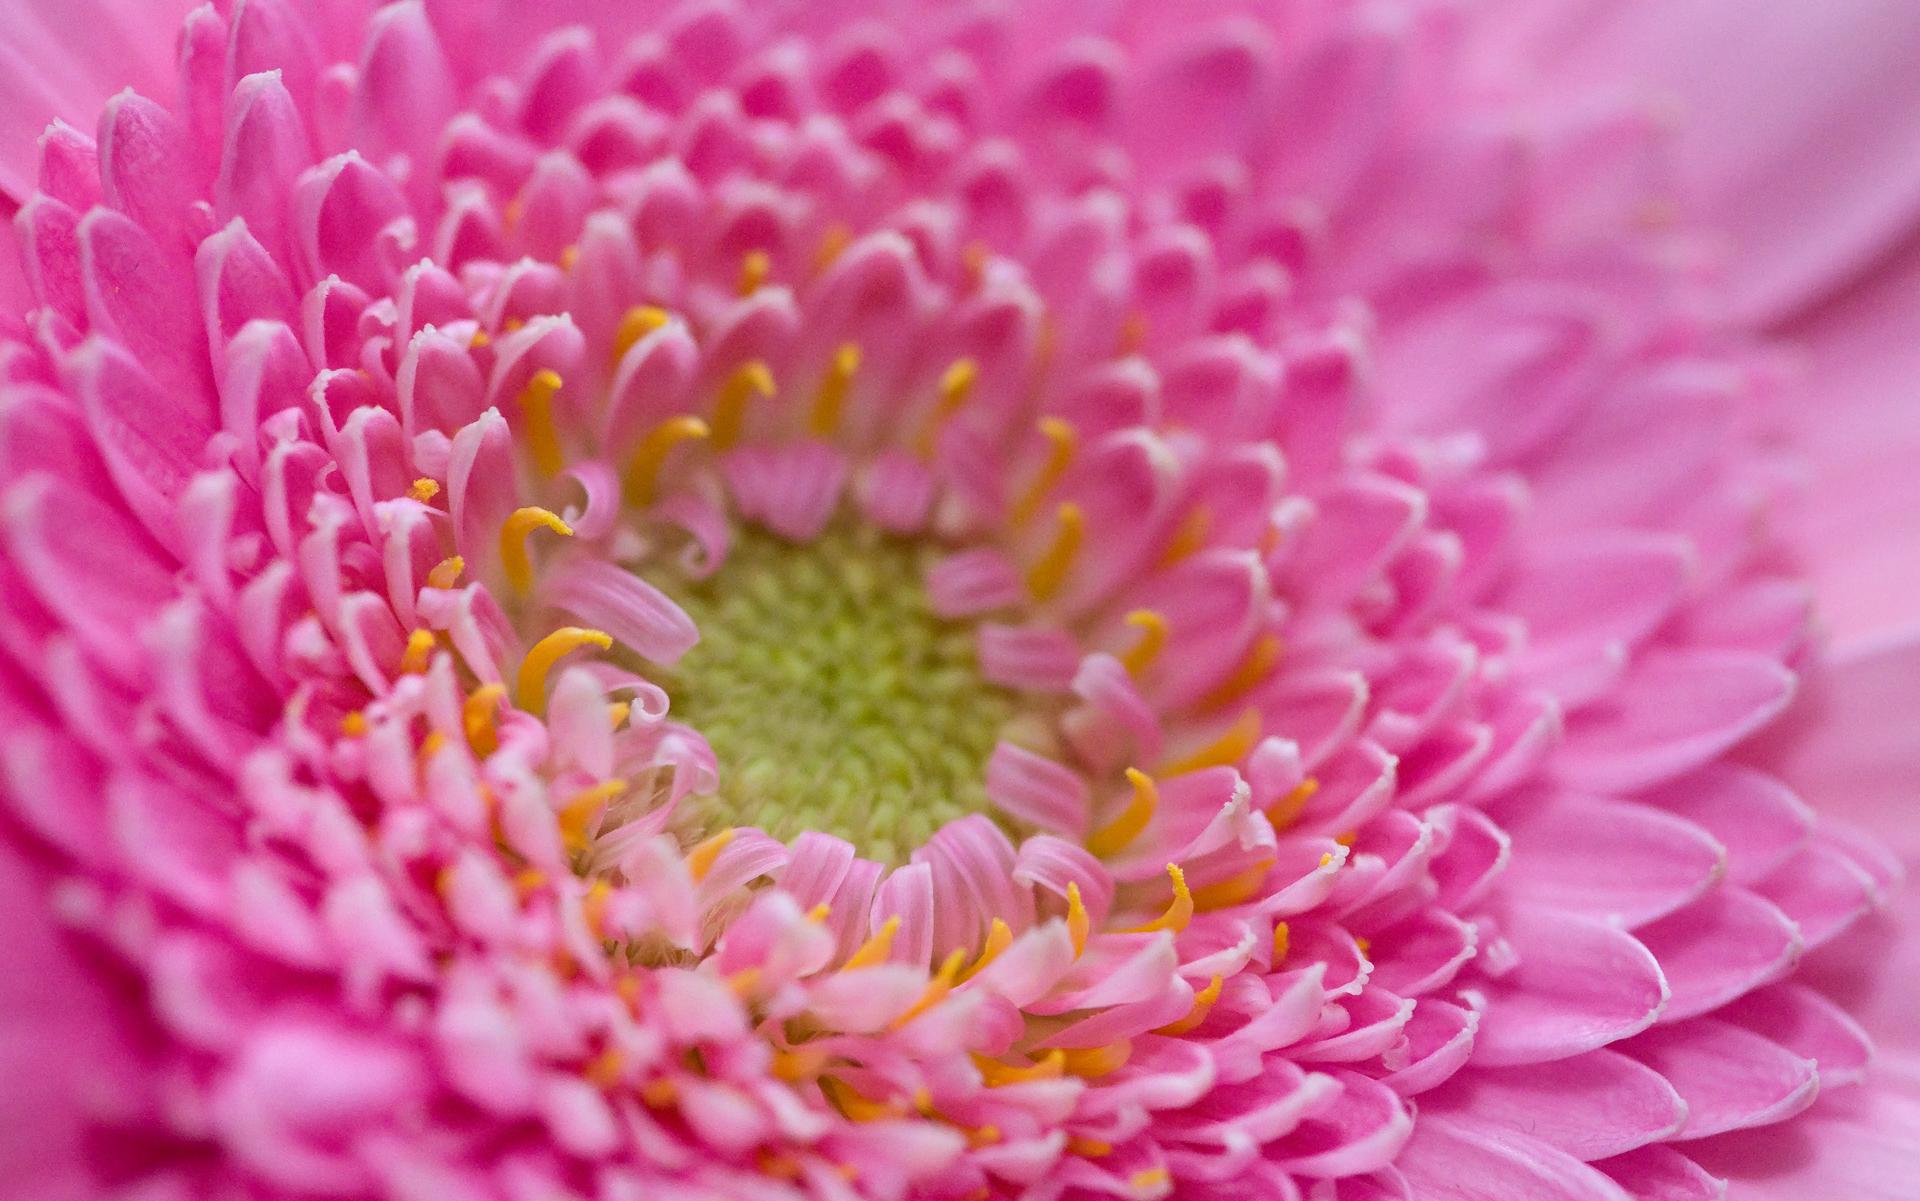 Pink Crown Flowers - Pink Crown Flowers